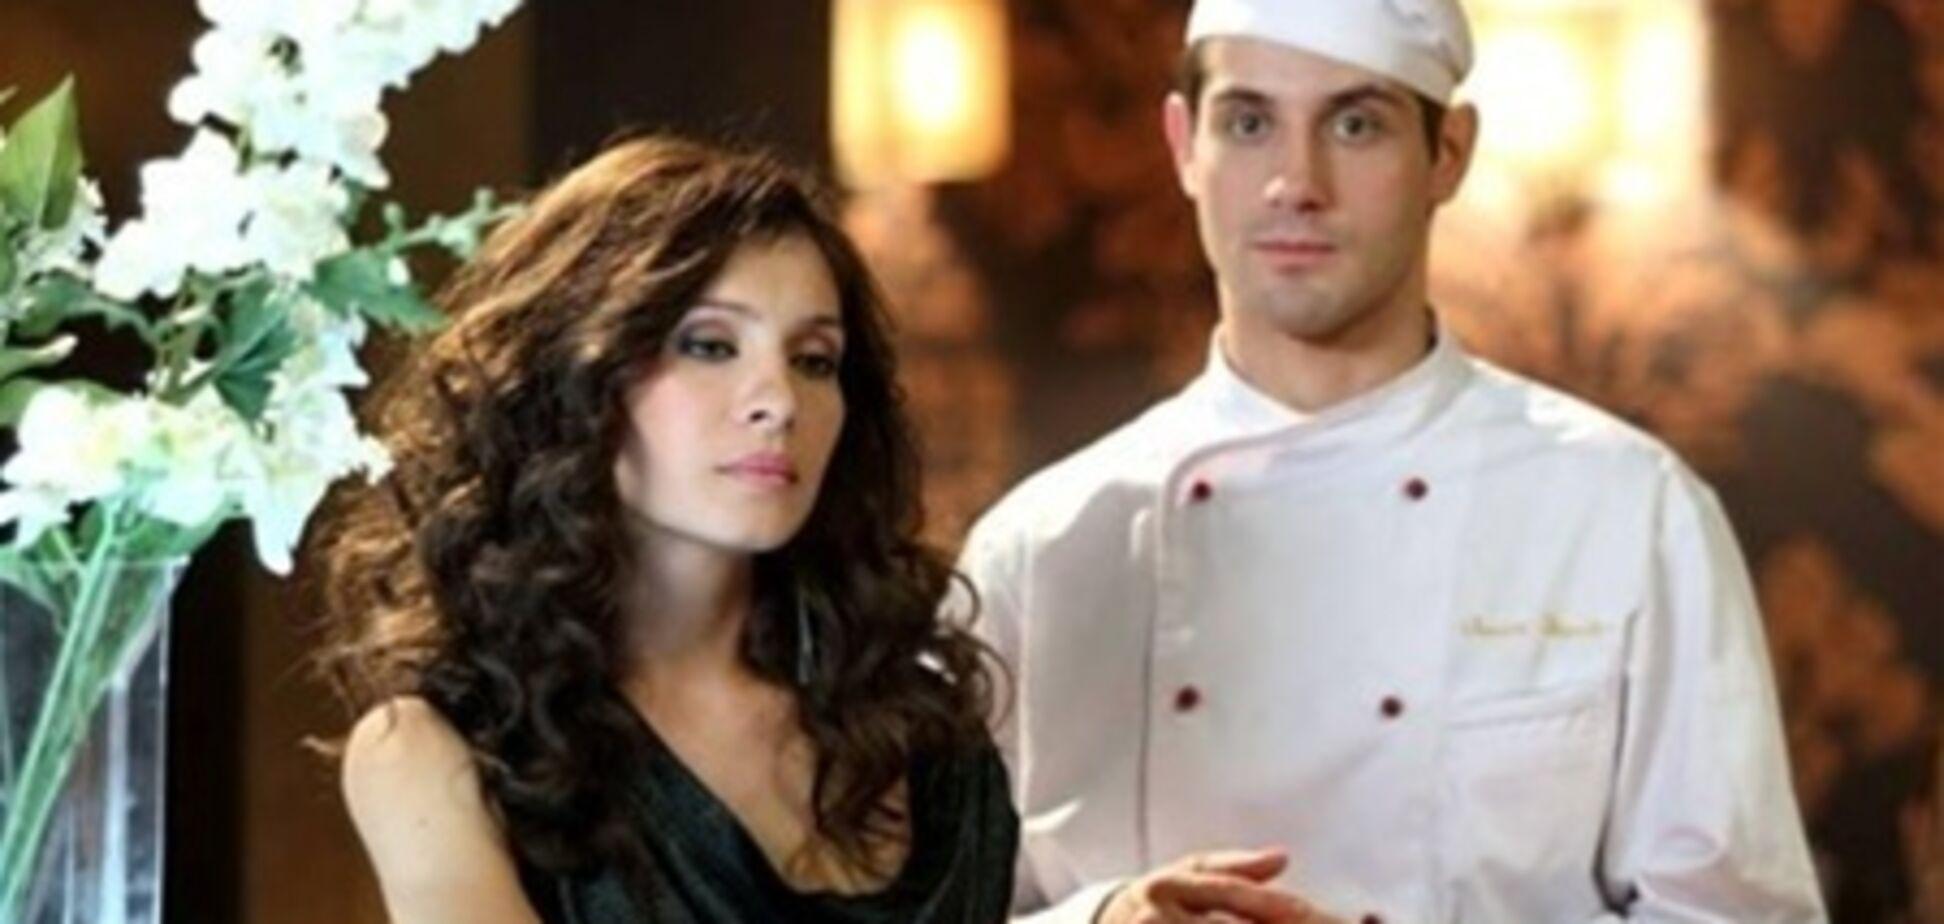 Зірка серіалу 'Кухня' зруйнував шлюб колеги